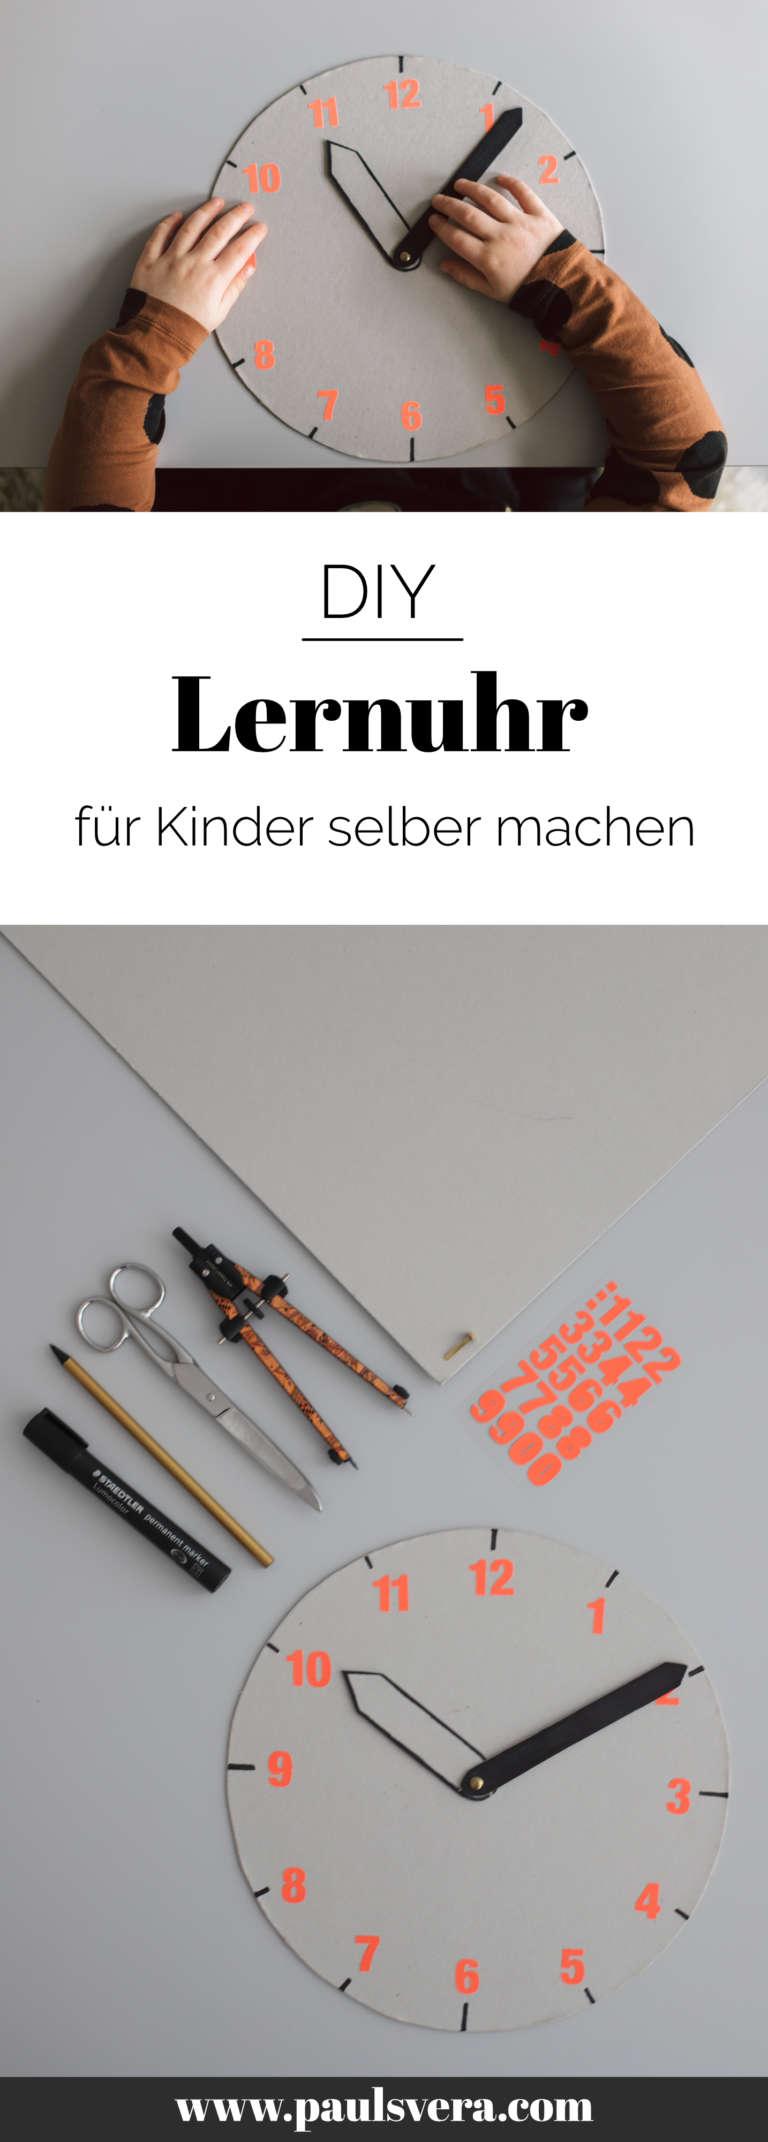 Diy Lernuhr